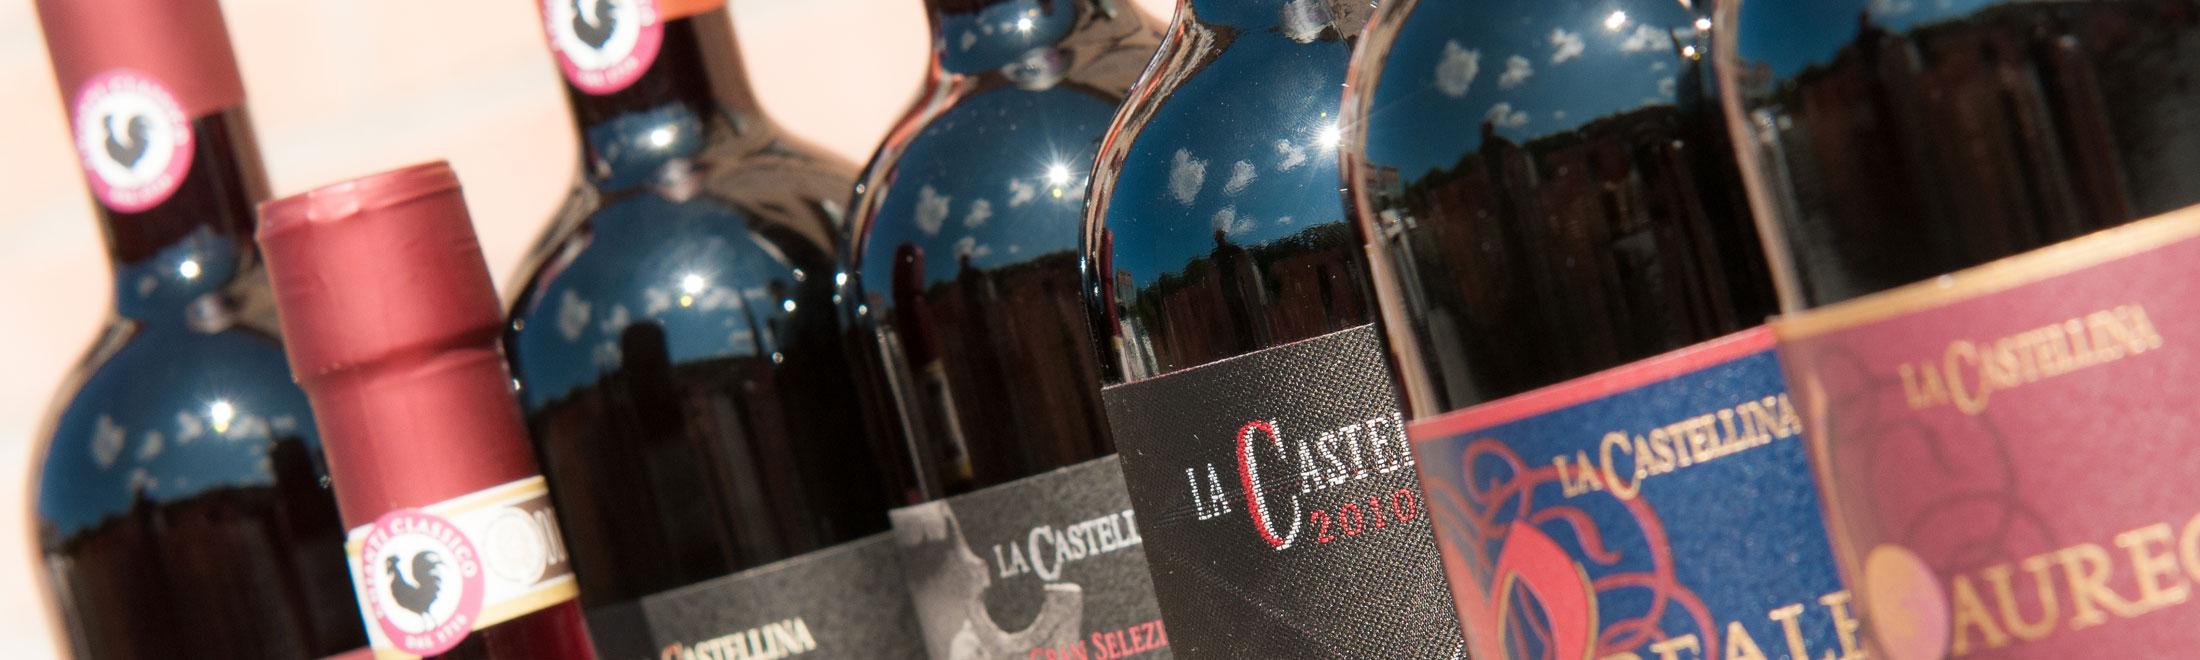 Fattoria La Castellina